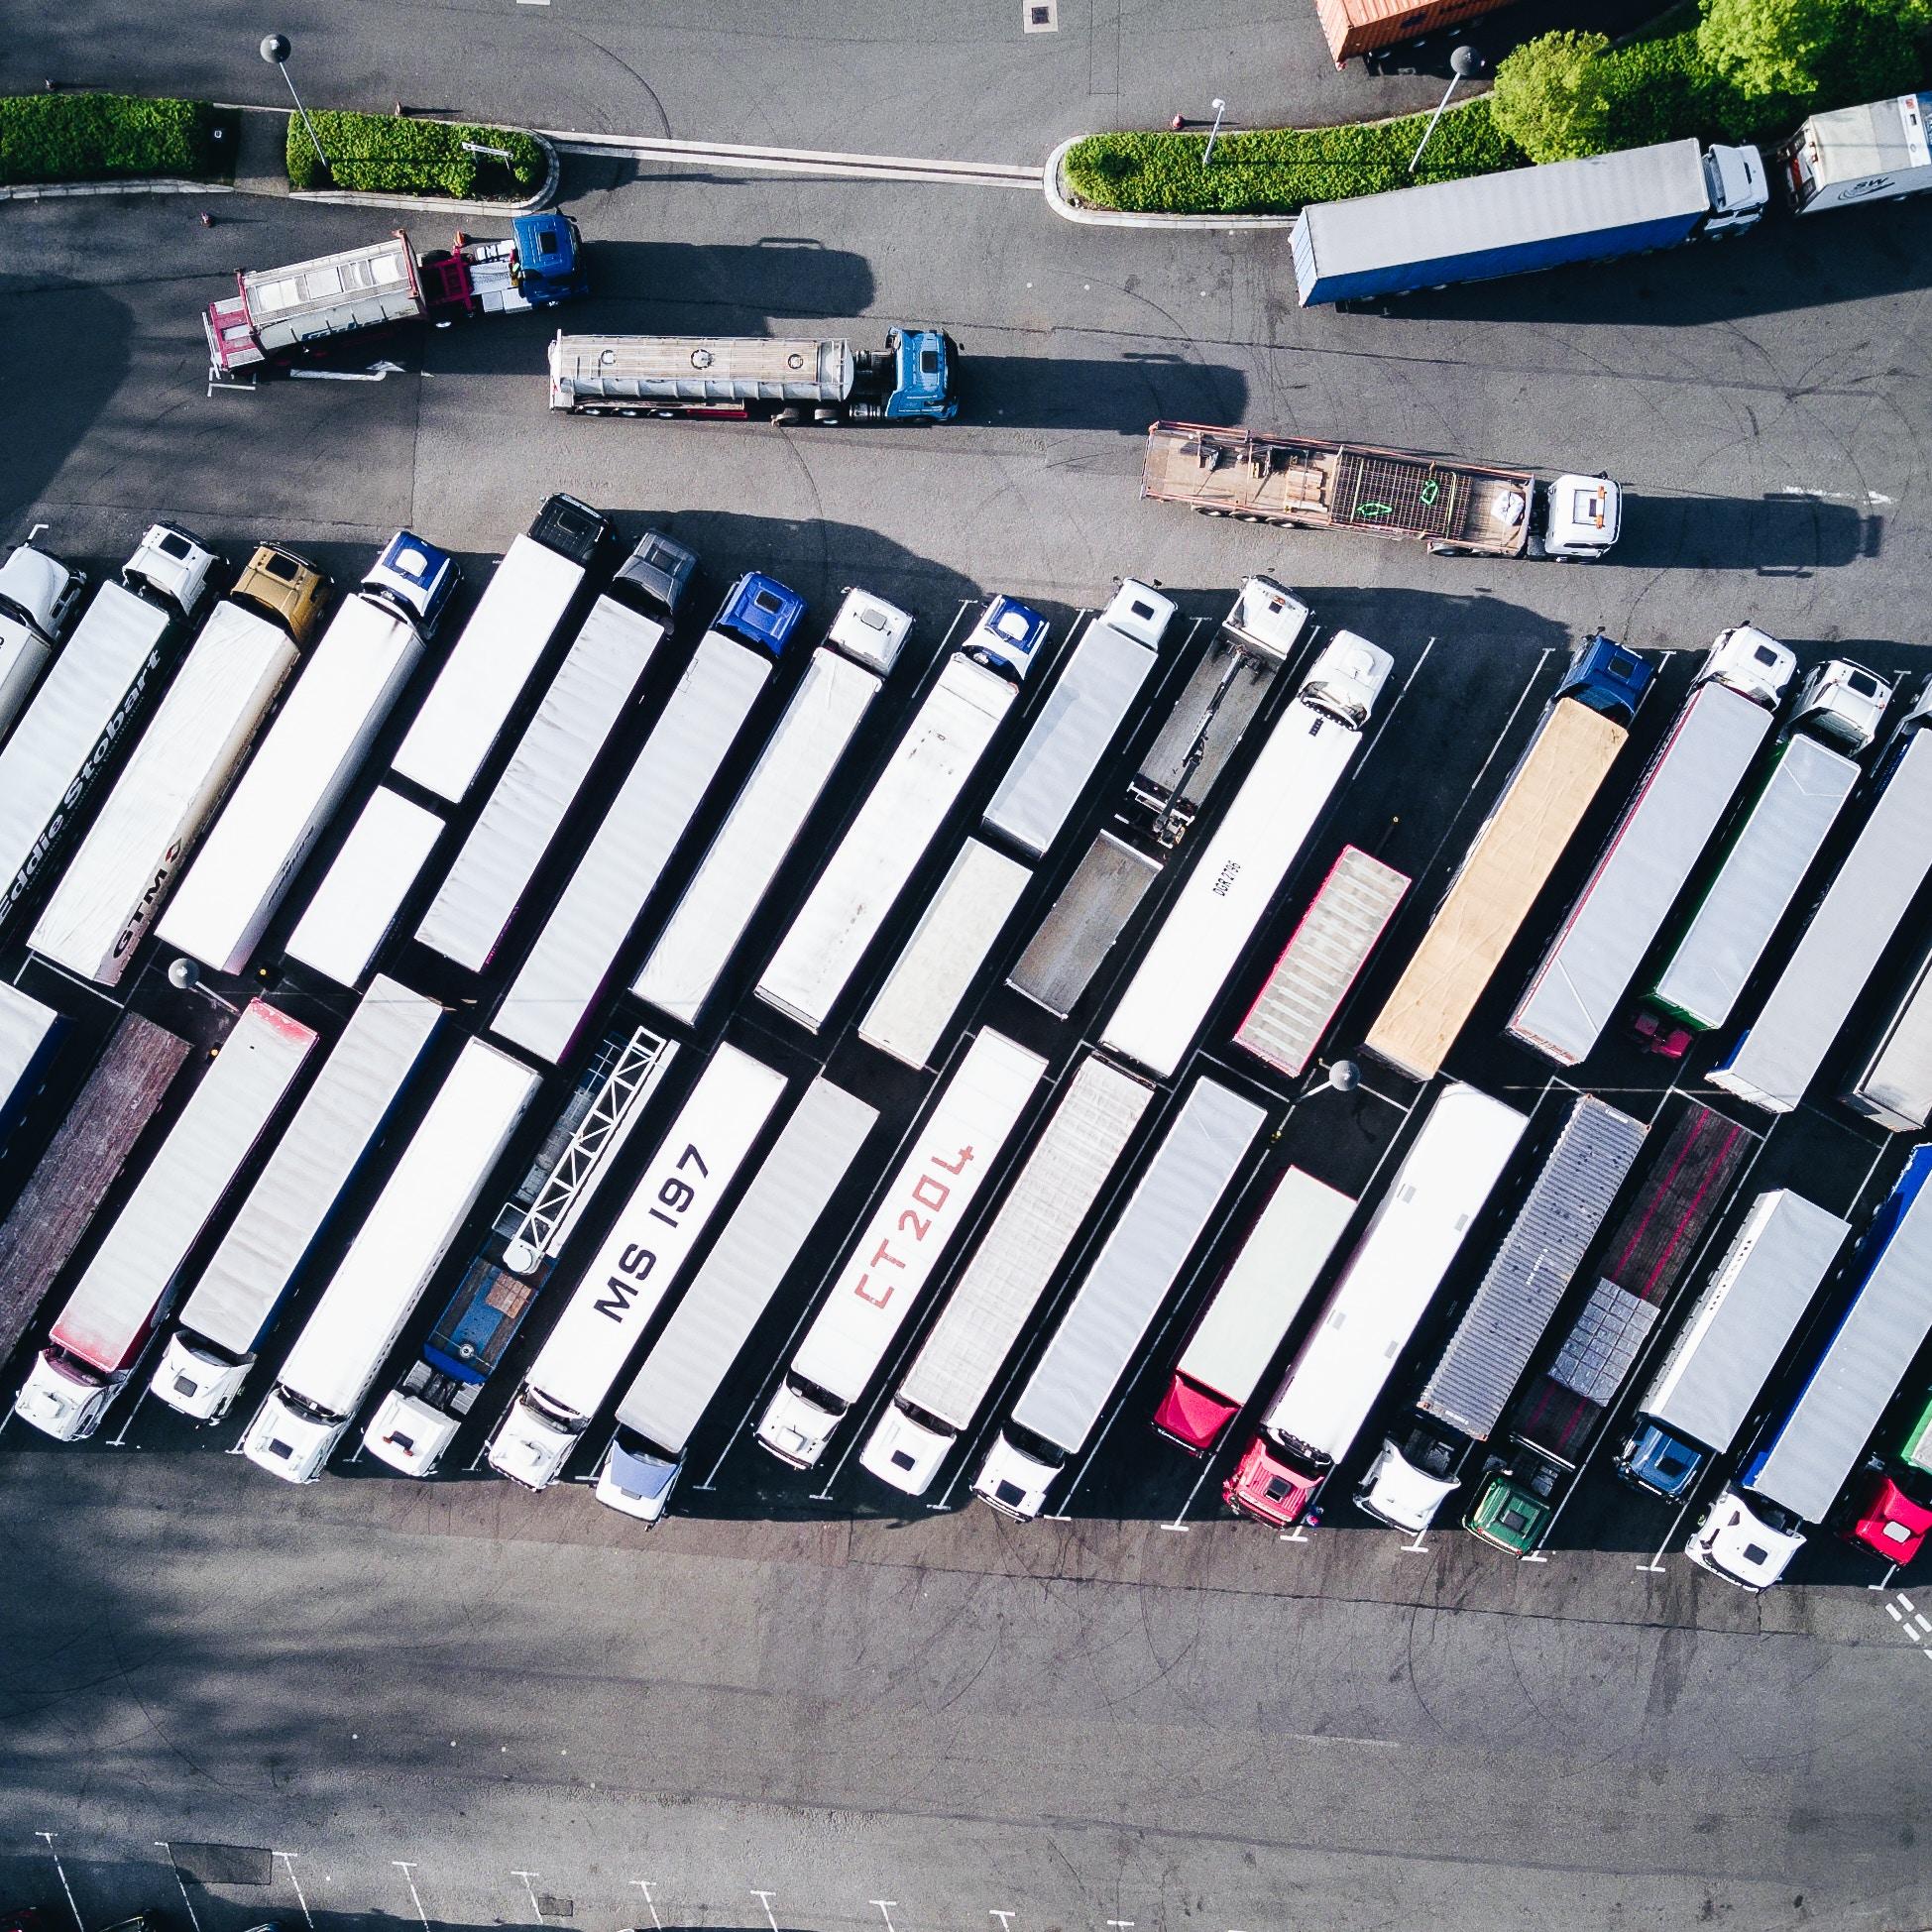 Electromovilidad llega a grandes camiones mineros en Chile